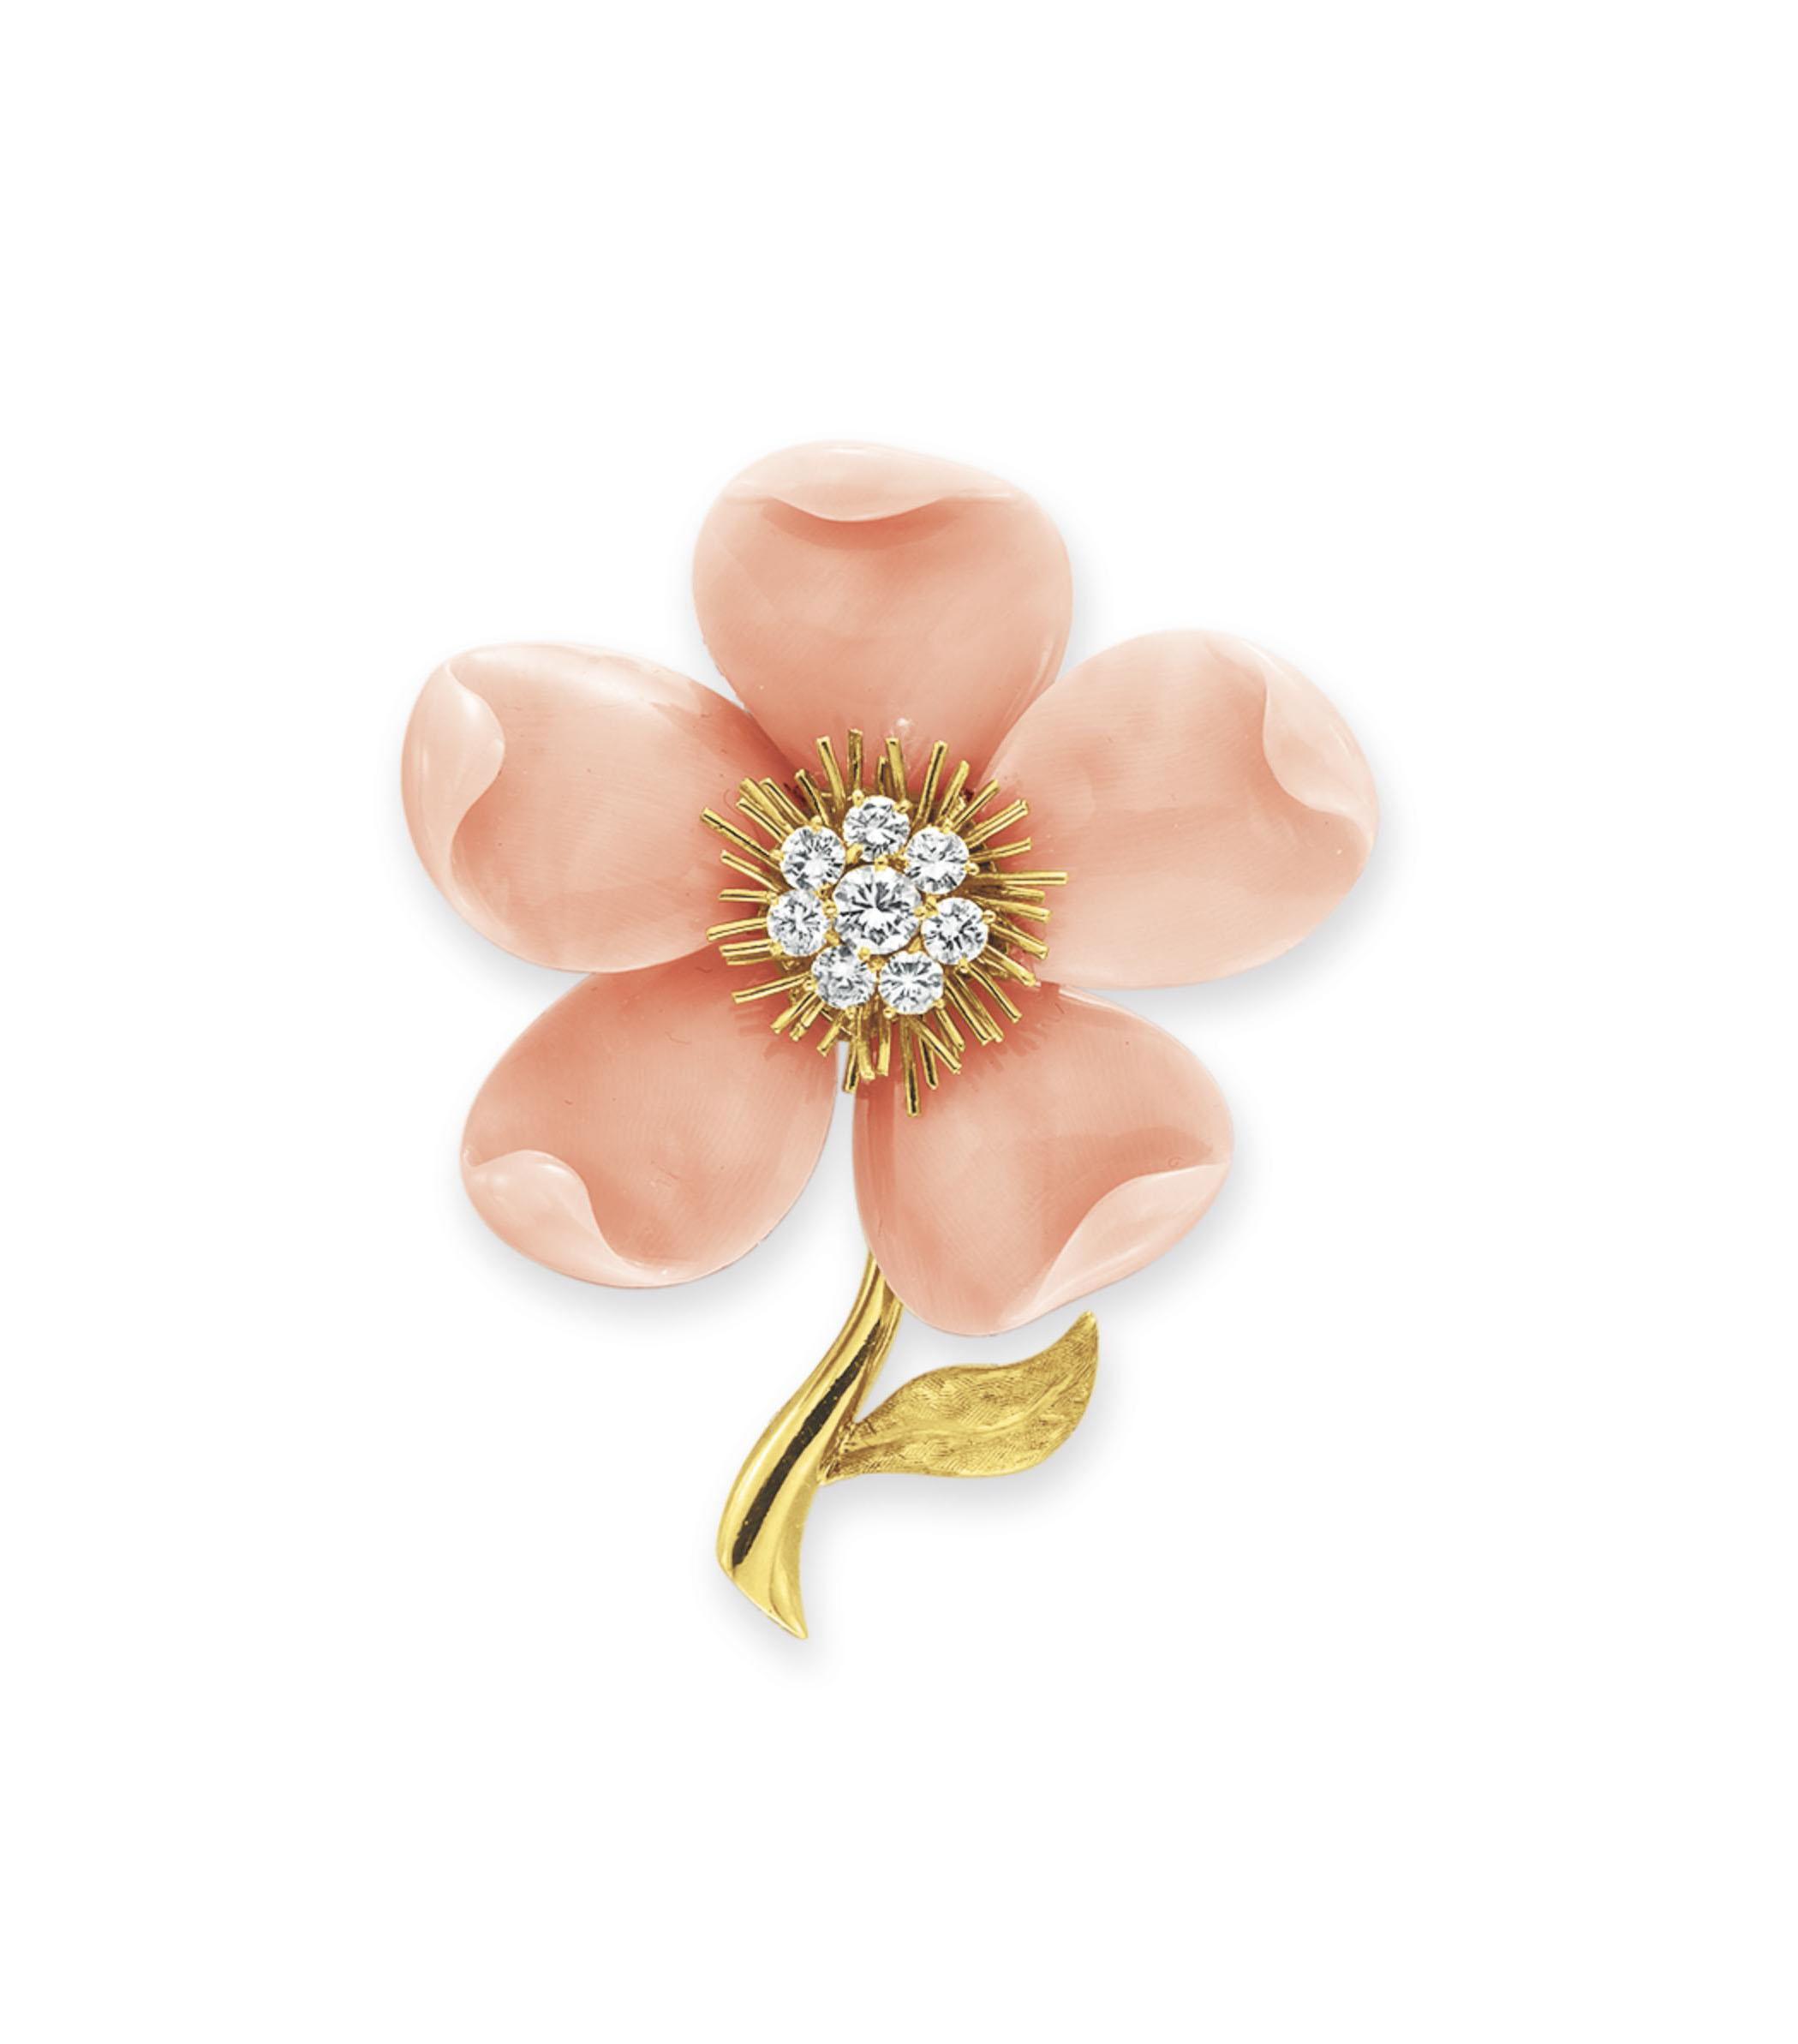 """~A CORAL AND DIAMOND """"ROSE DE NOEL"""" BROOCH, BY VAN CLEEF & ARPELS"""